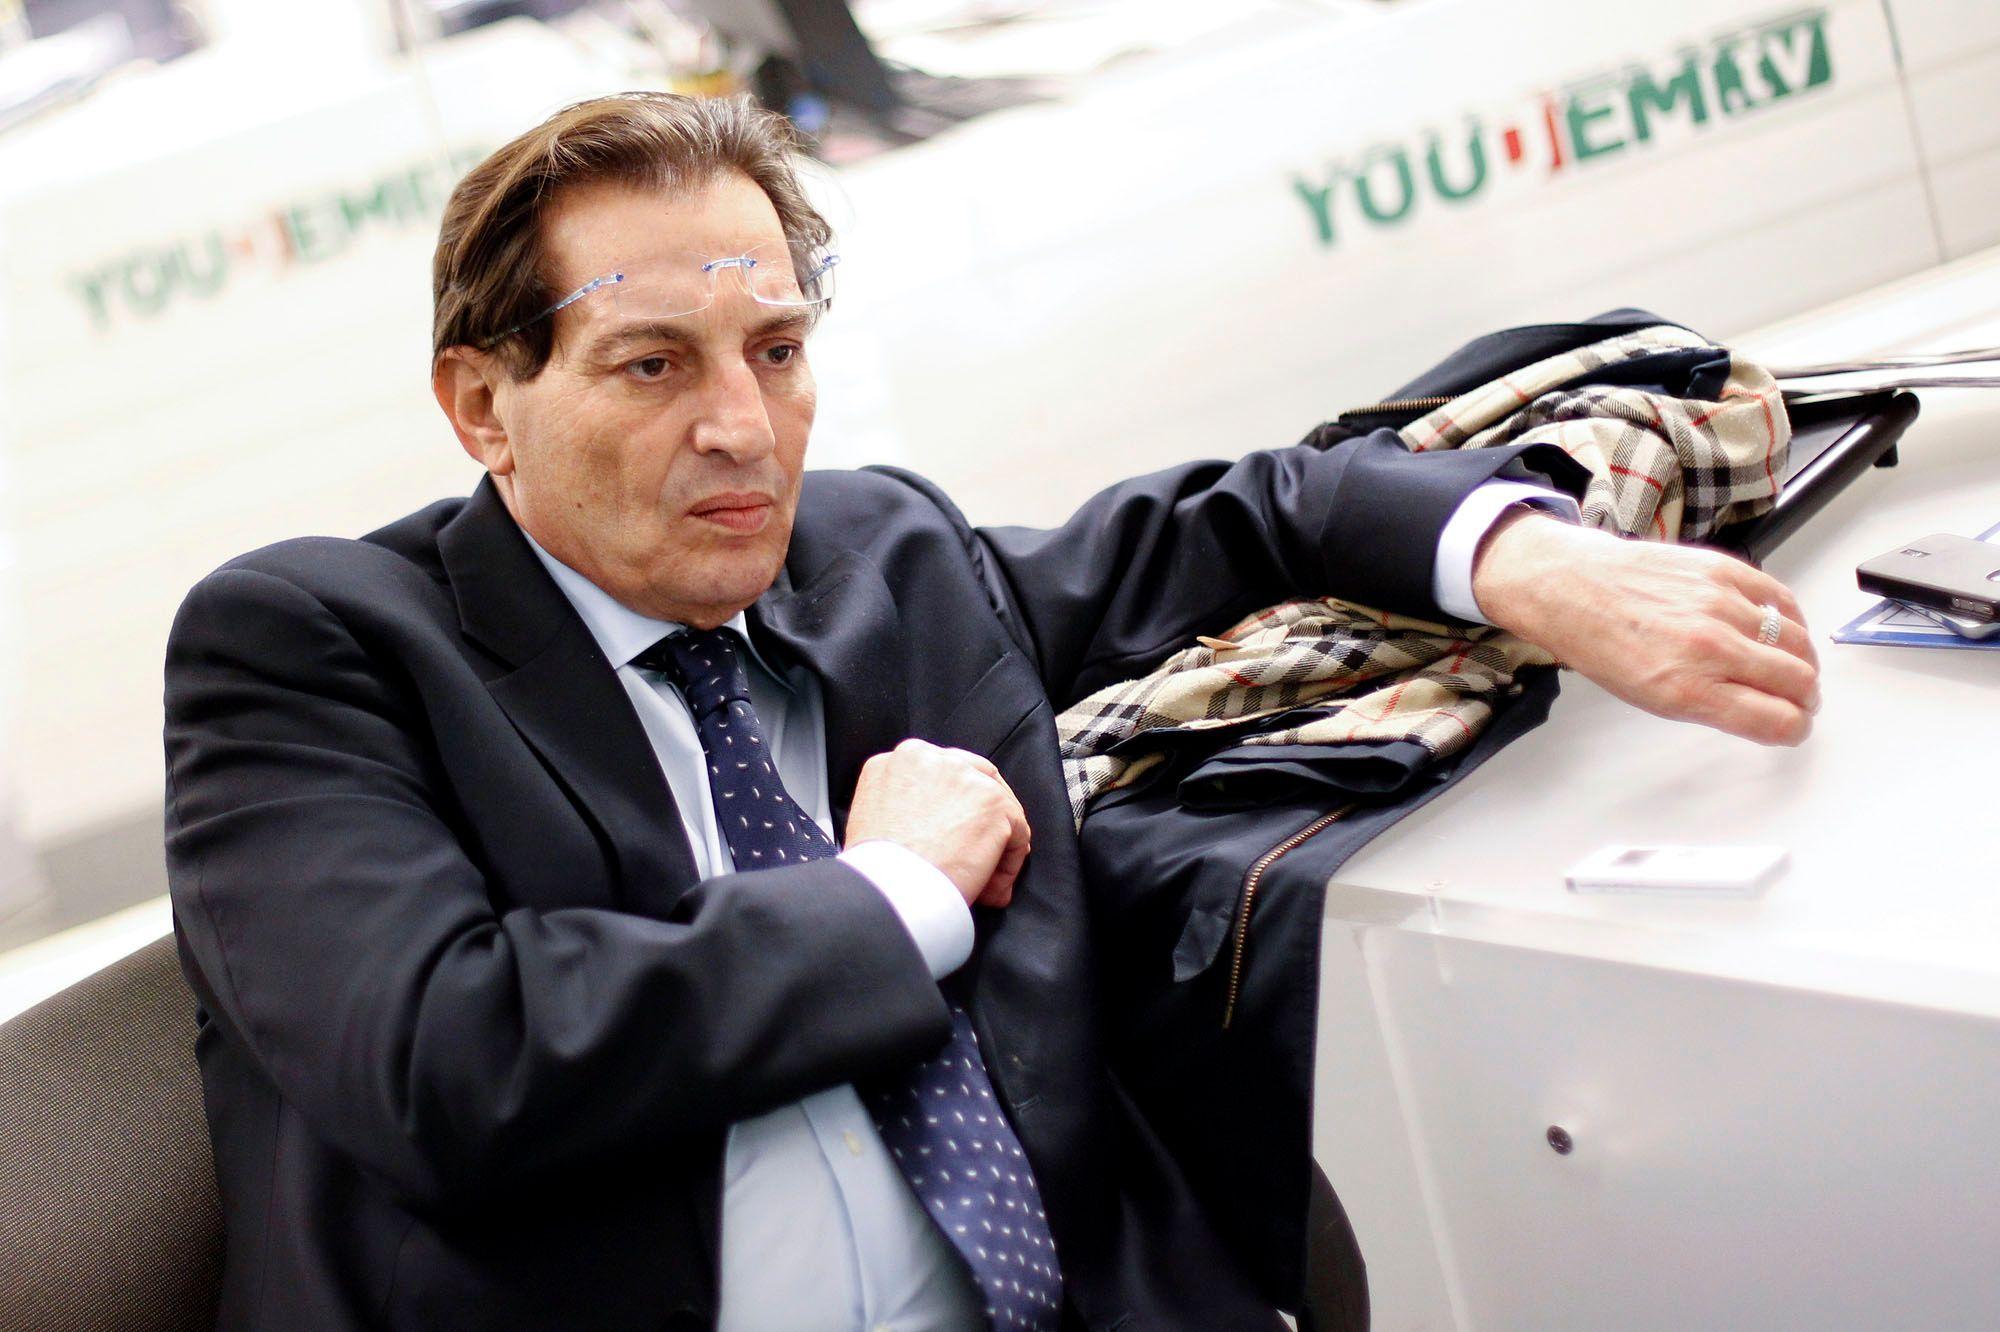 Mieux valait-il confier ses économies à la Mafia qu'à Wall Street | korii.